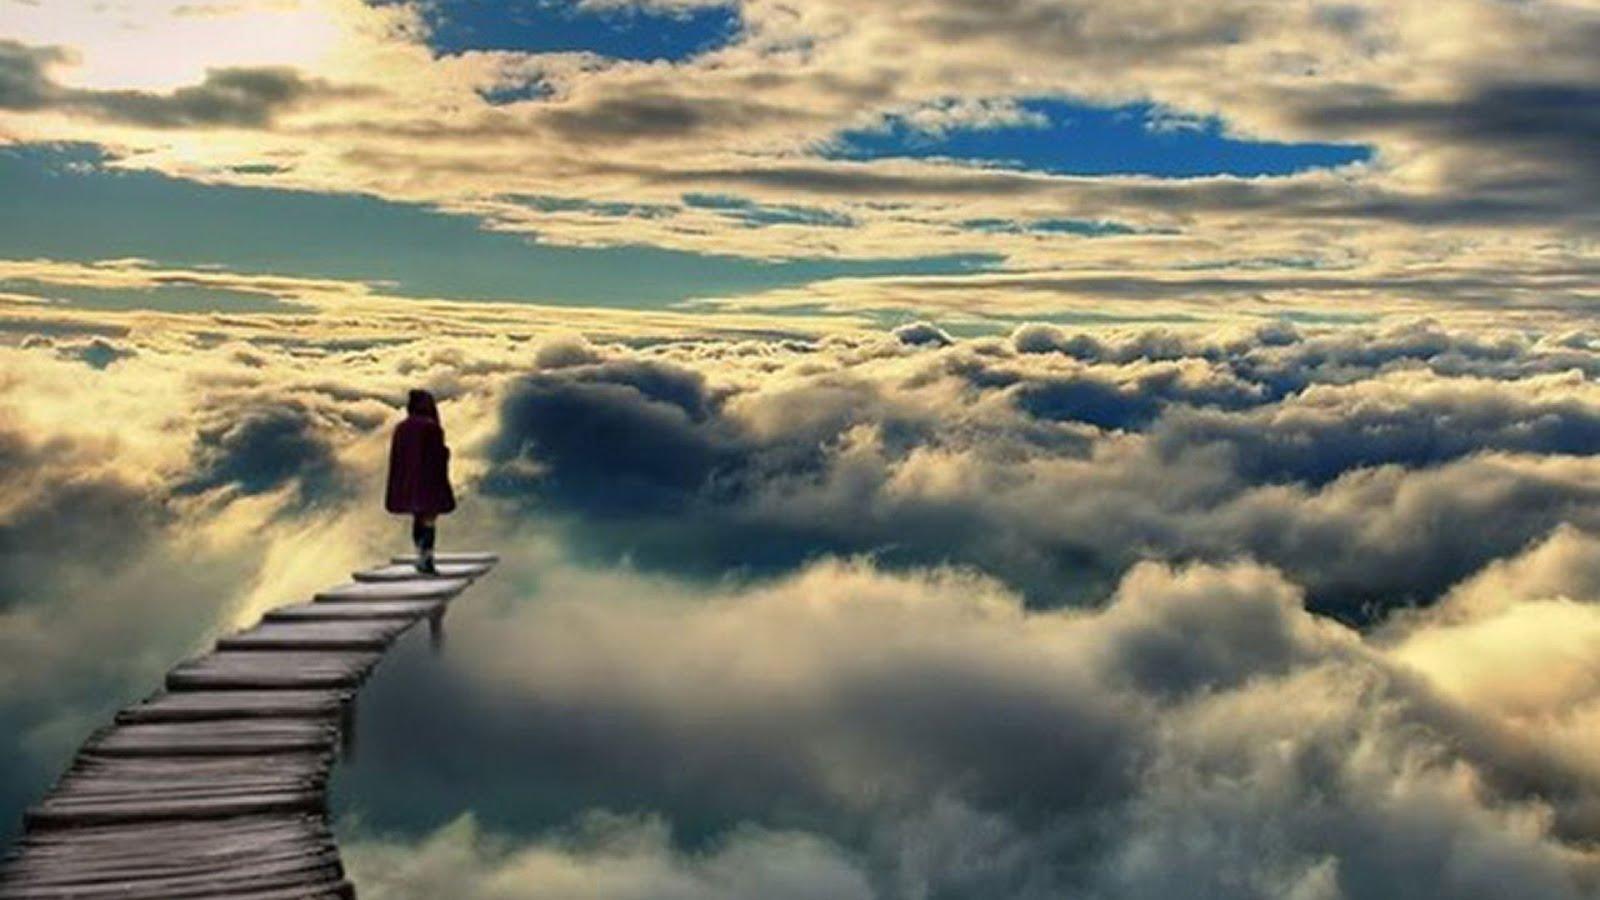 Love and light 1111 : 9 Remedies For Spiritual Awakening Symptoms